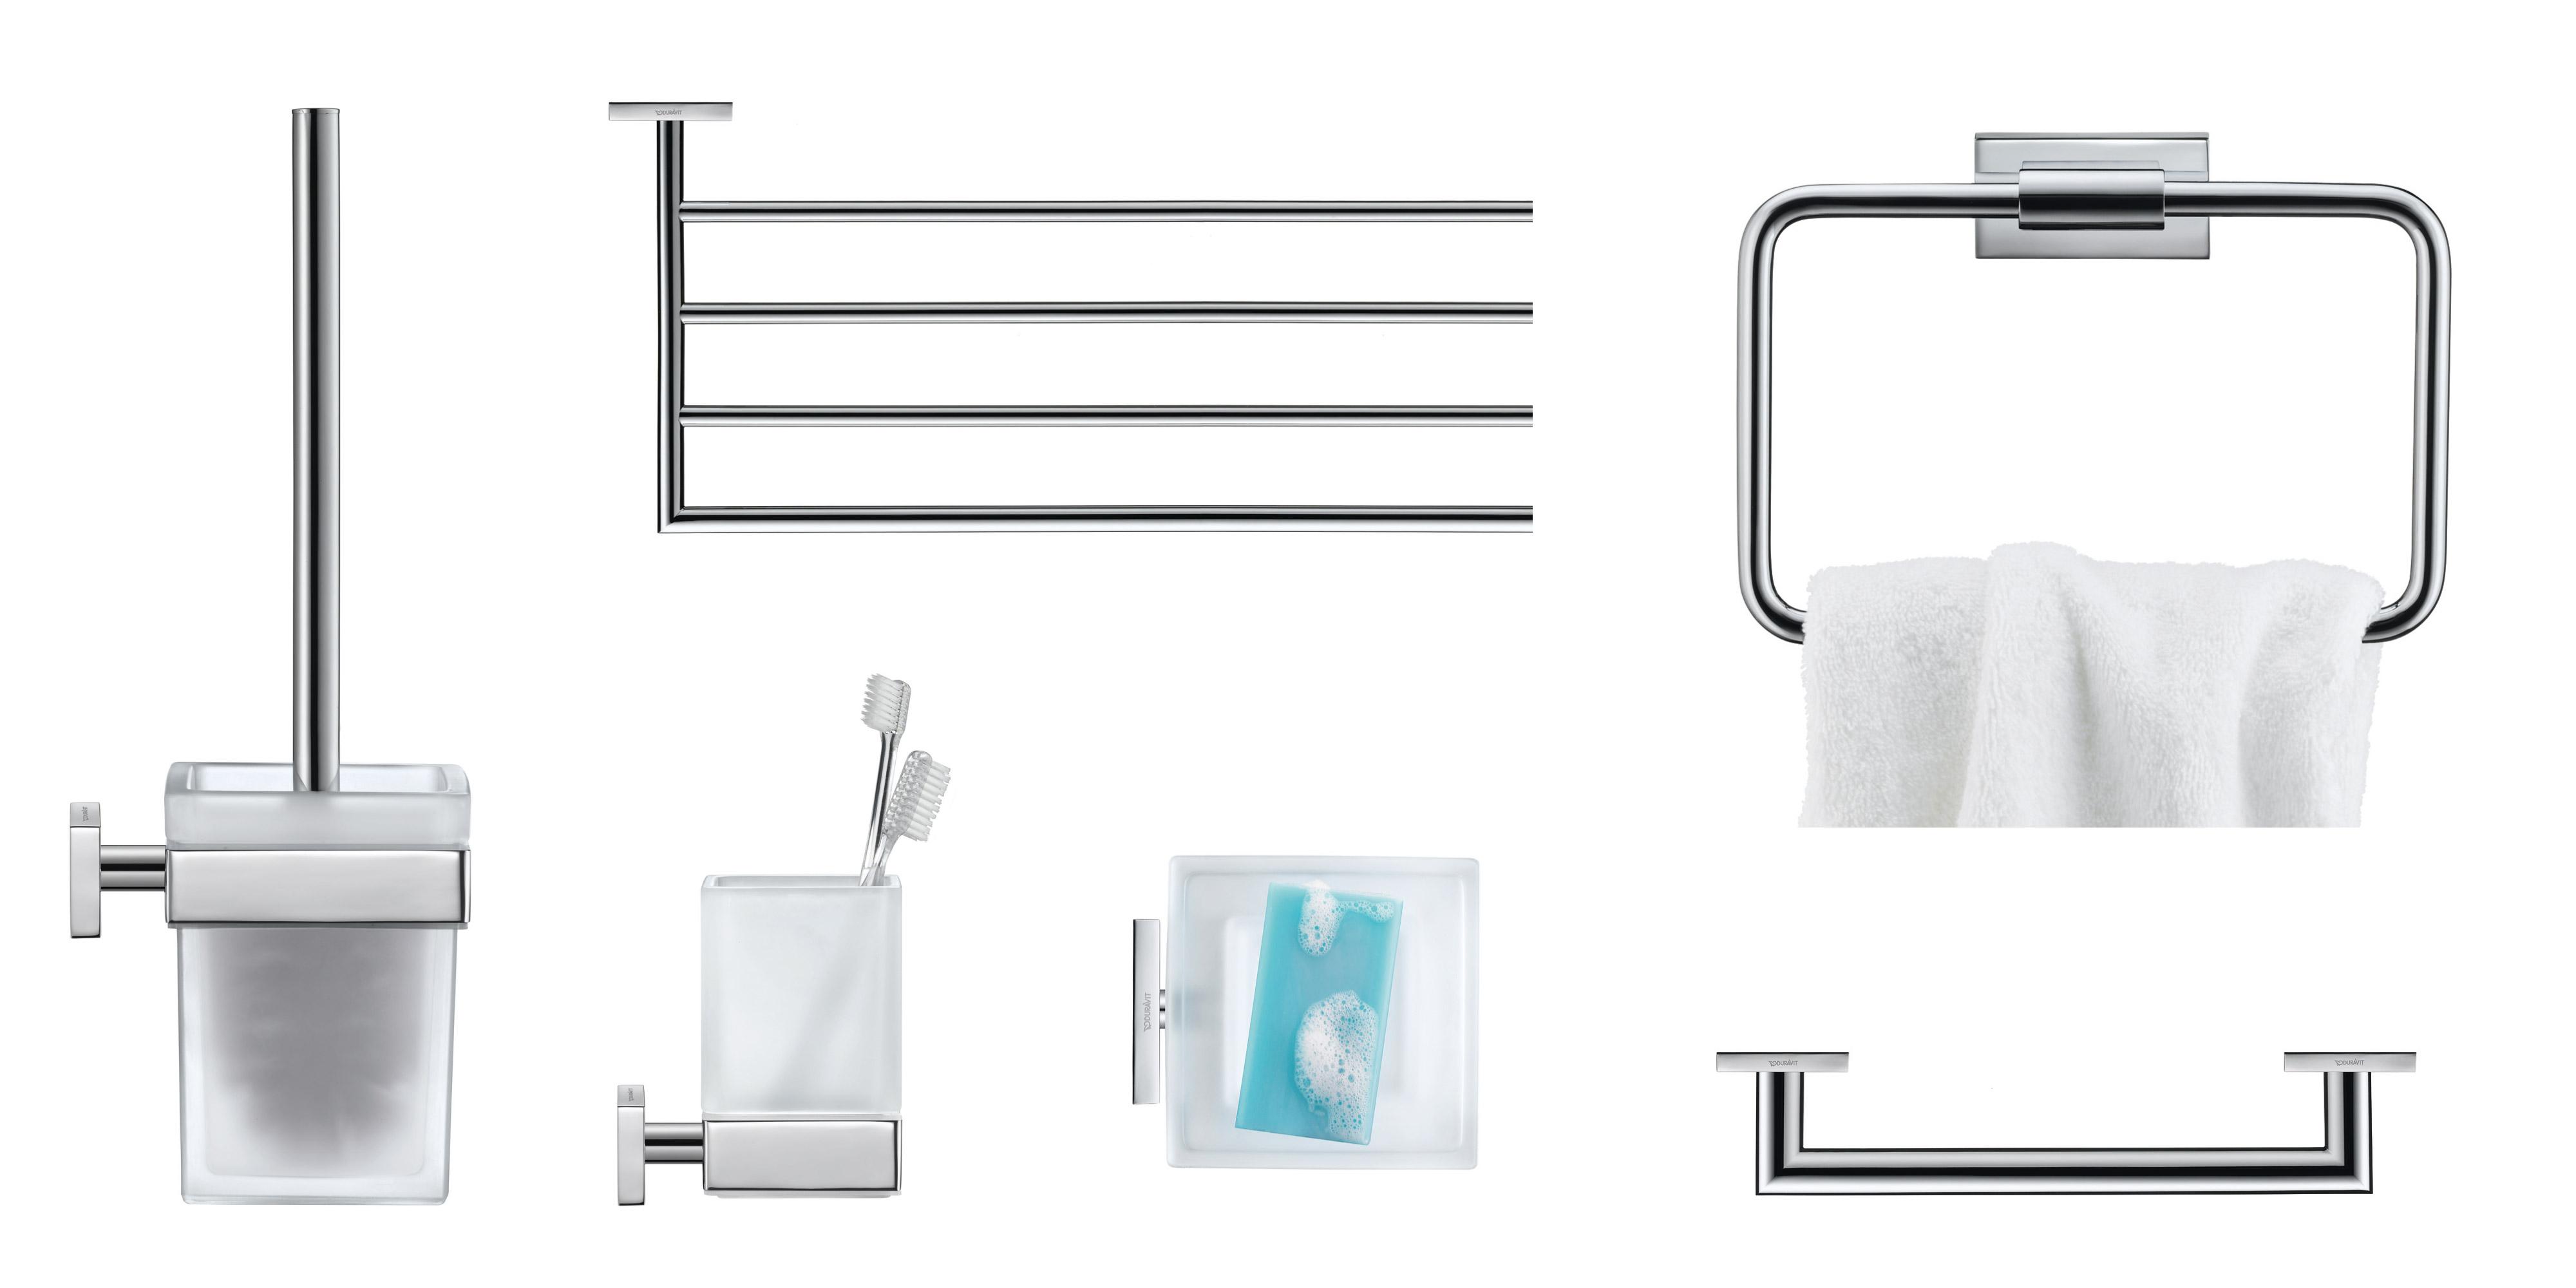 Karree by Duravit: Modern bathroom accessories | Duravit